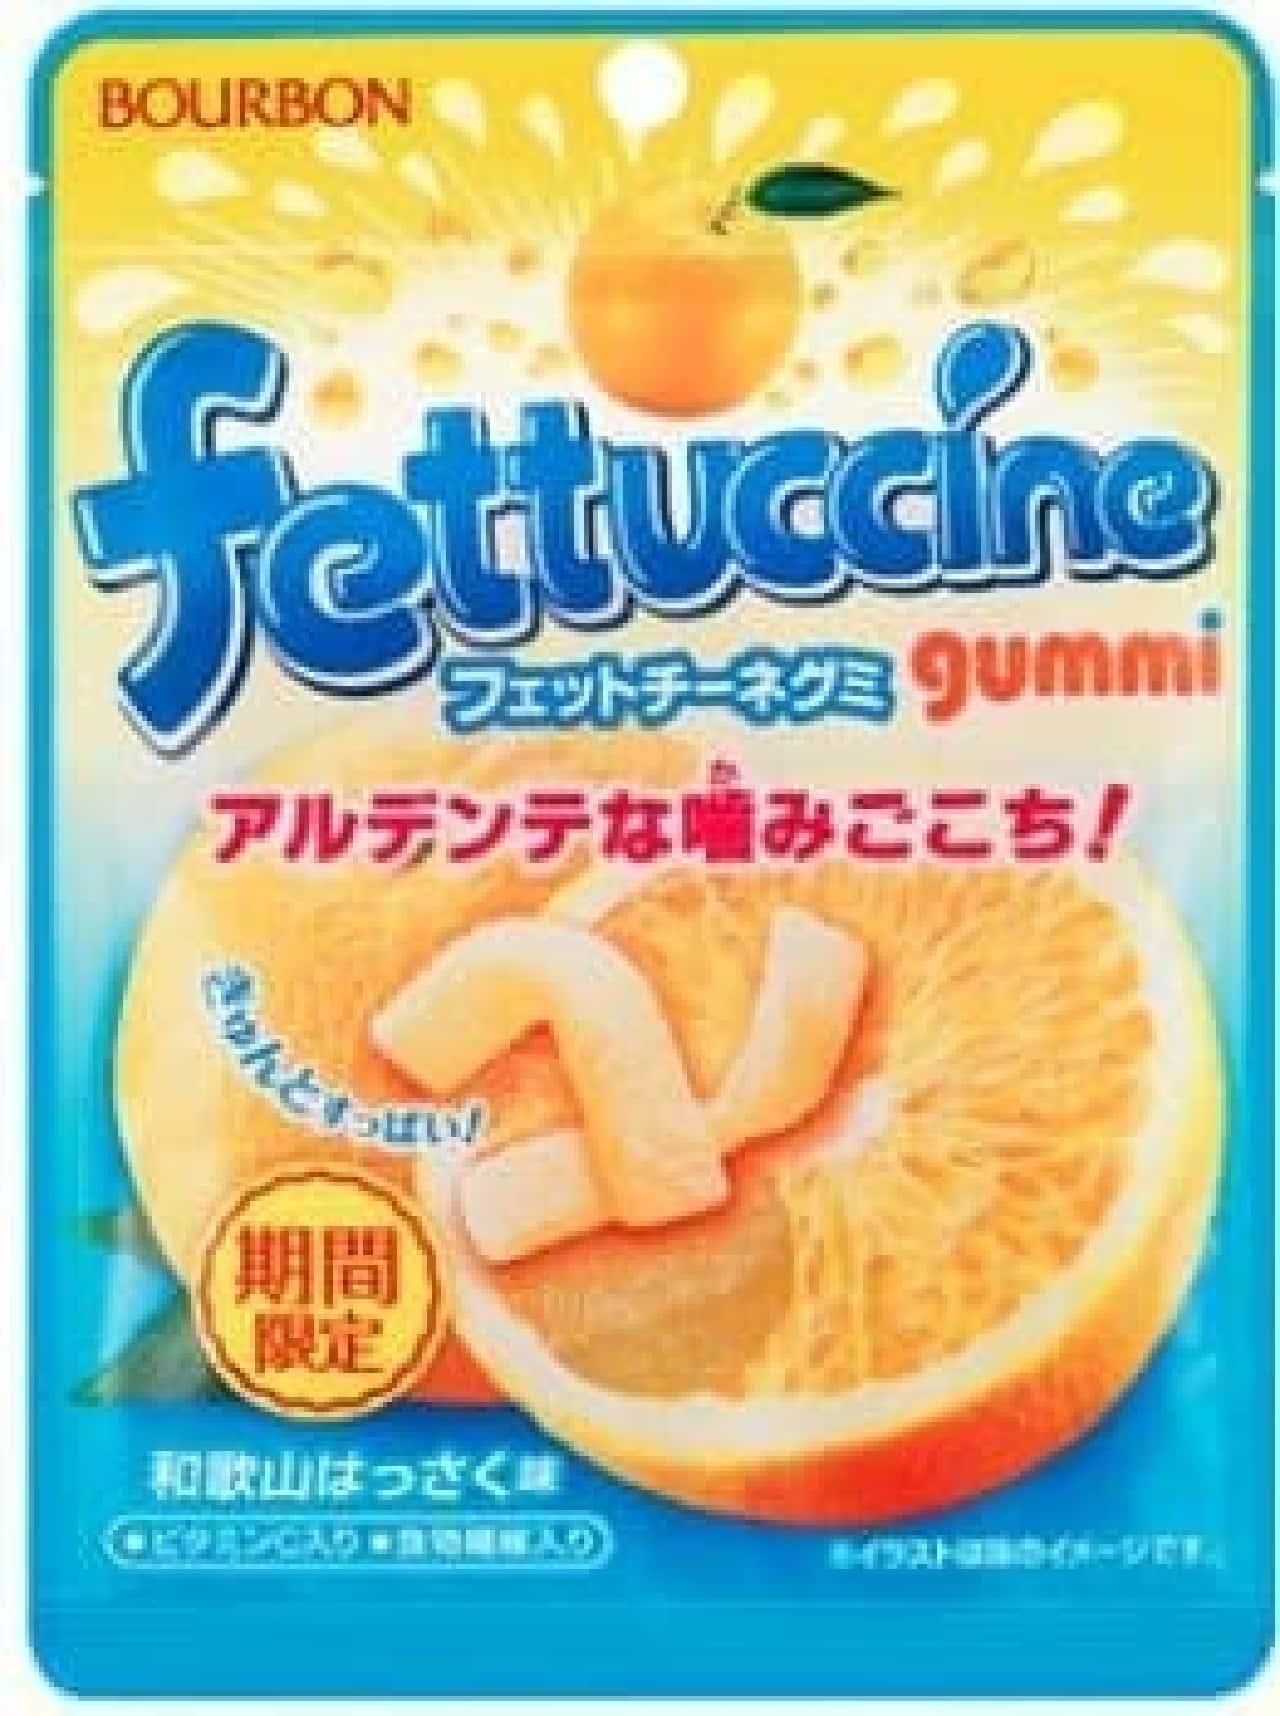 期間限定「和歌山はっさく味」が登場